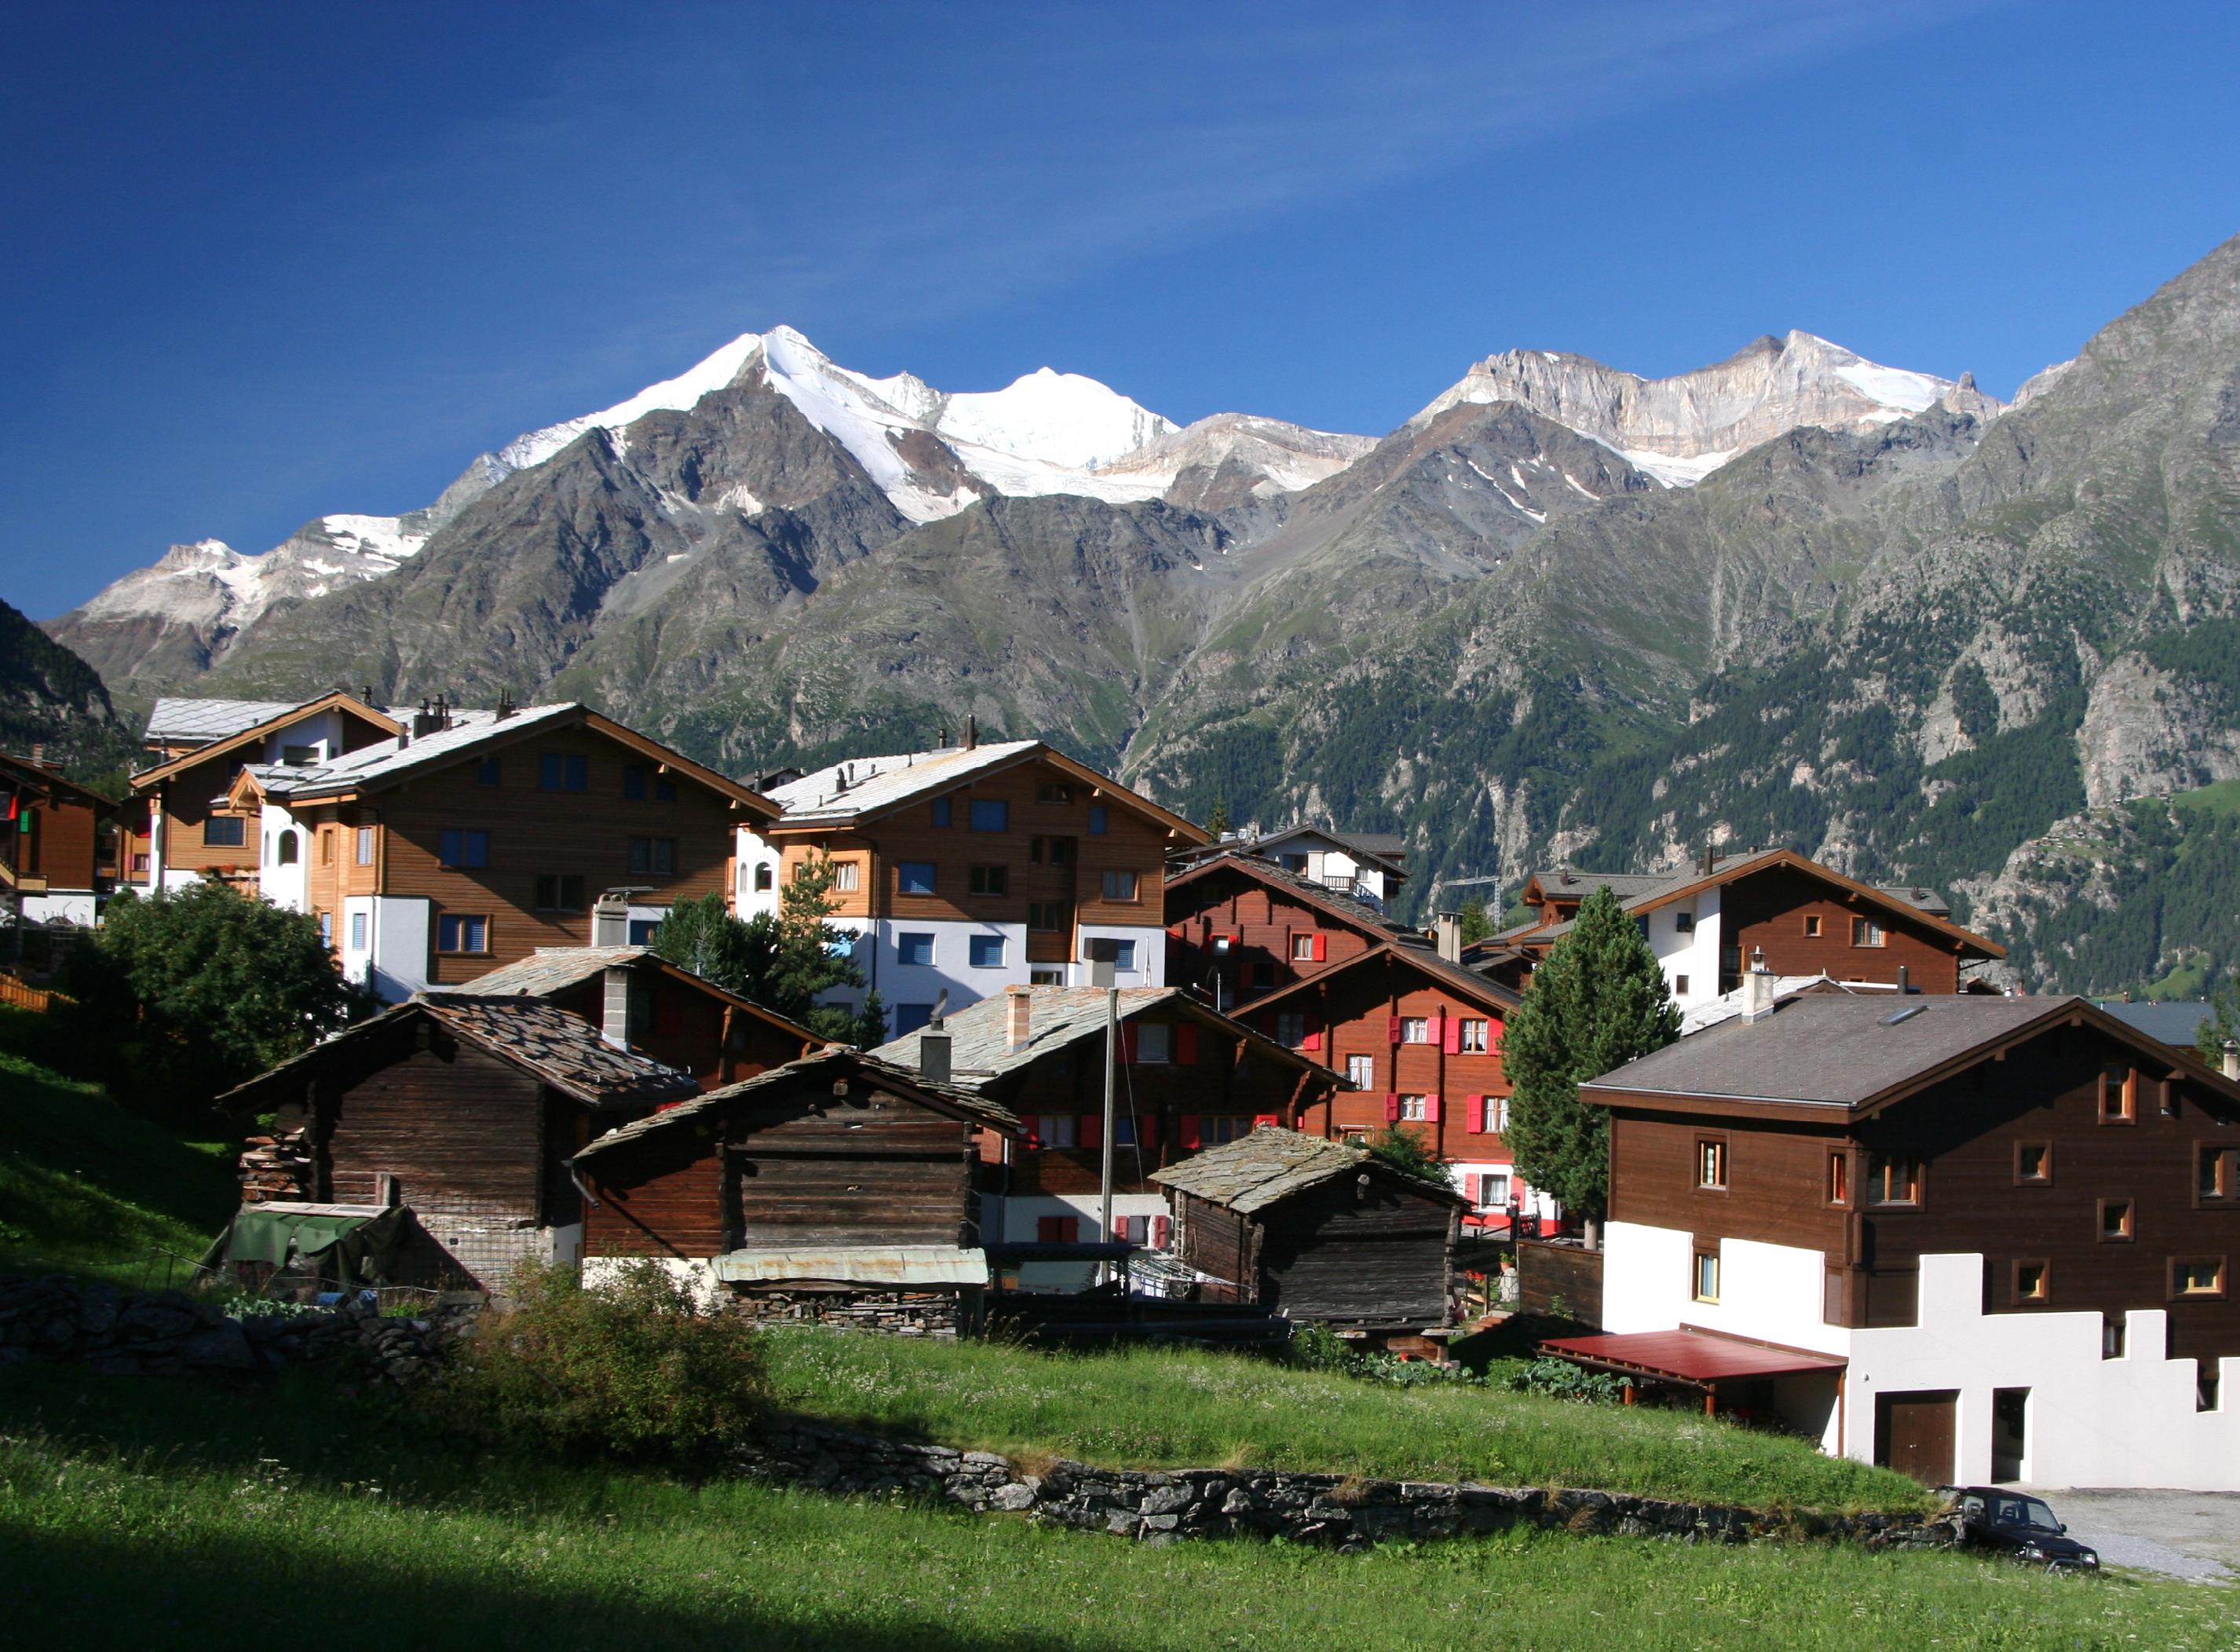 Grachen Switzerland  city photos gallery : Description Grächen